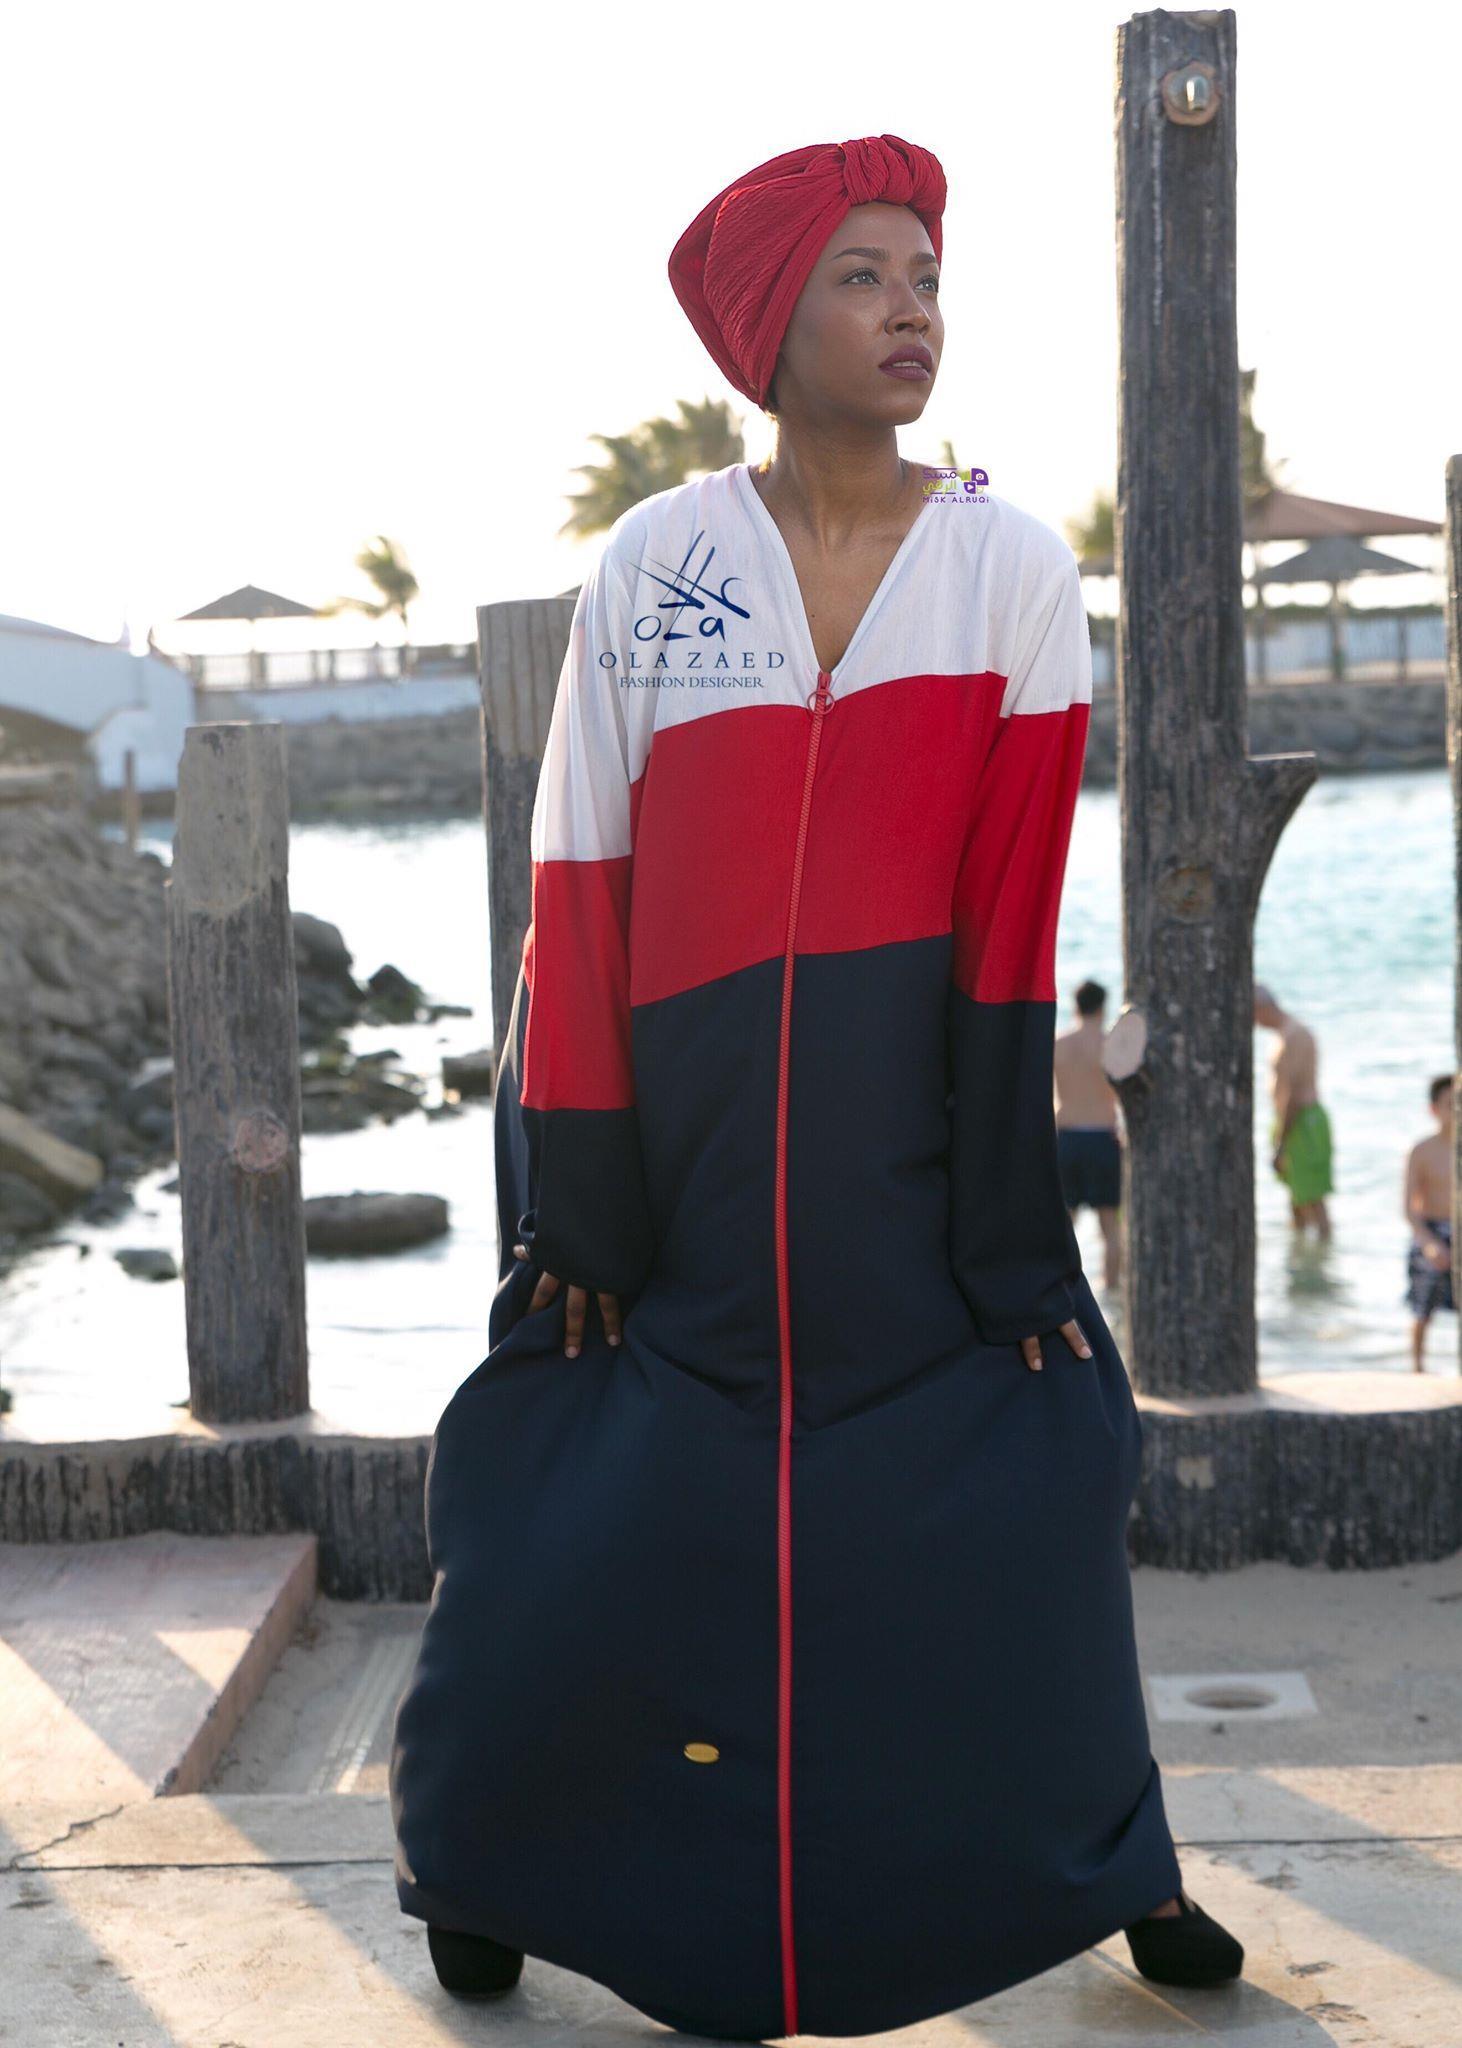 مصممة أزياء السعودية تقدم عبايات تساعد على قيادة السيارة والرياضة